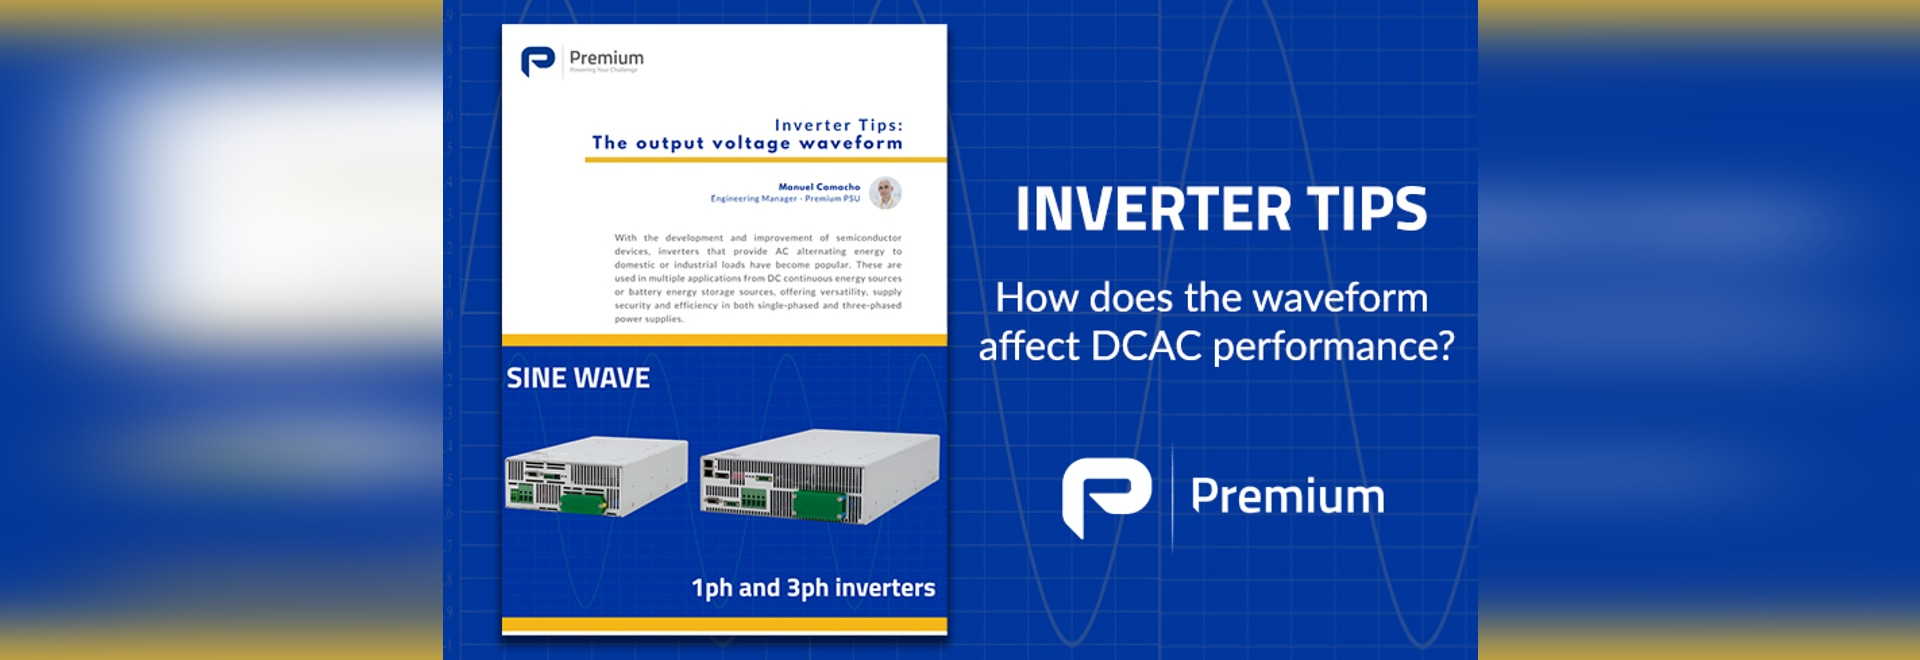 Inverter Tips